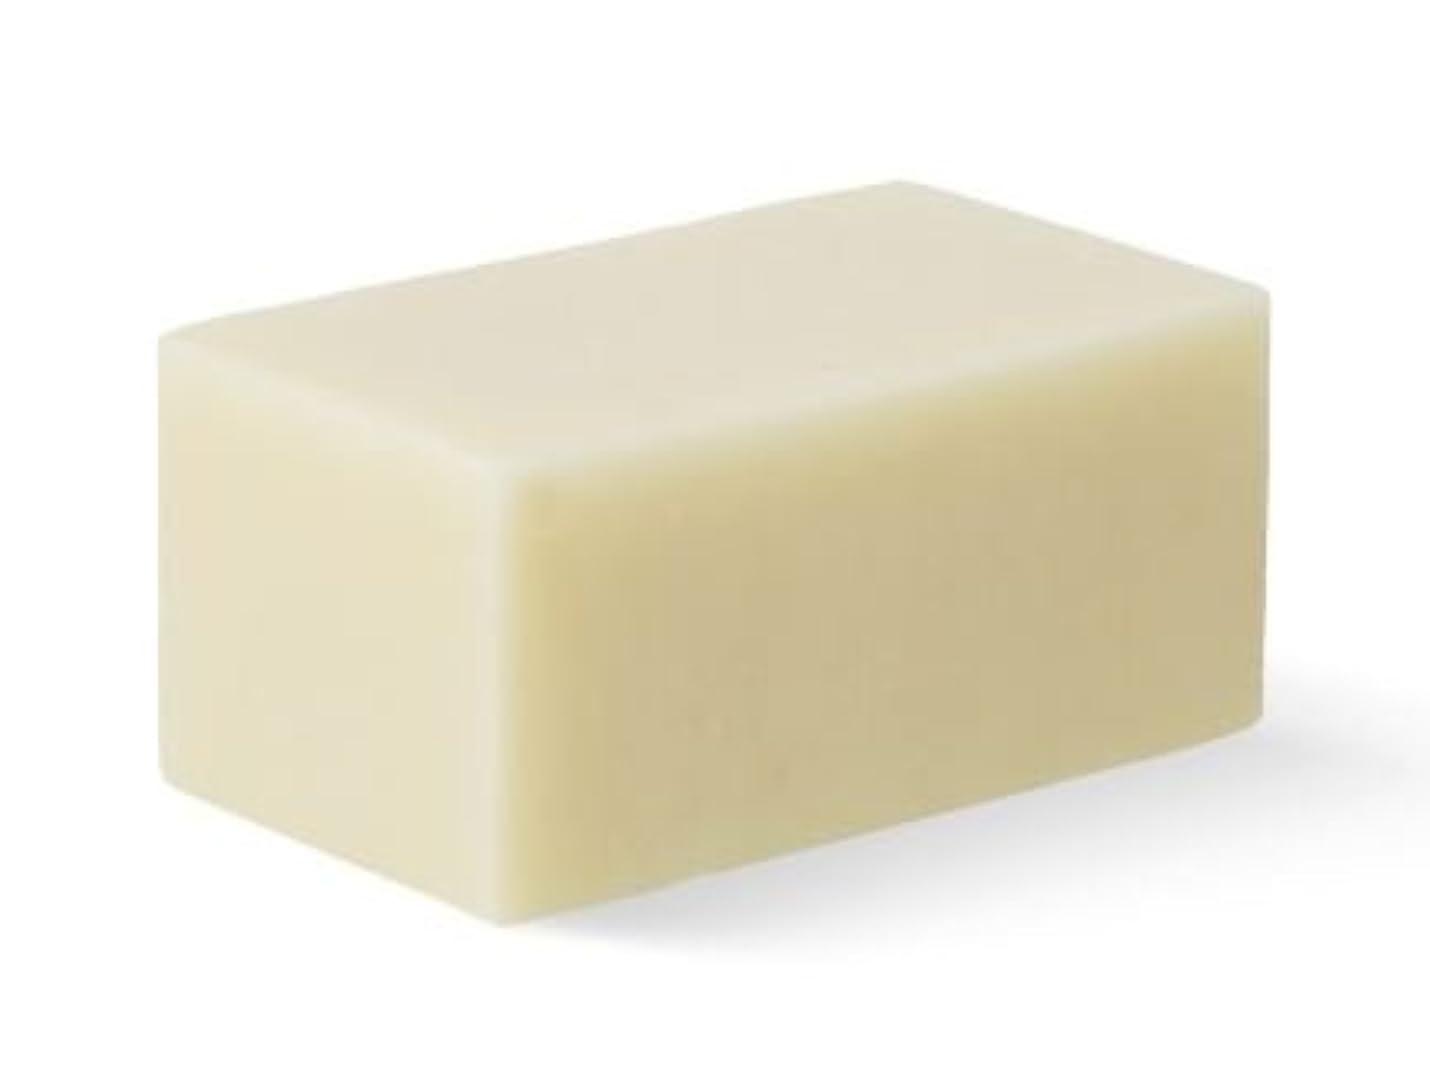 膨らませる逃す商品[Abib] Facial Soap ivory Brick 100g/[アビブ]フェイシャルソープ アイボリー ブリック100g [並行輸入品]